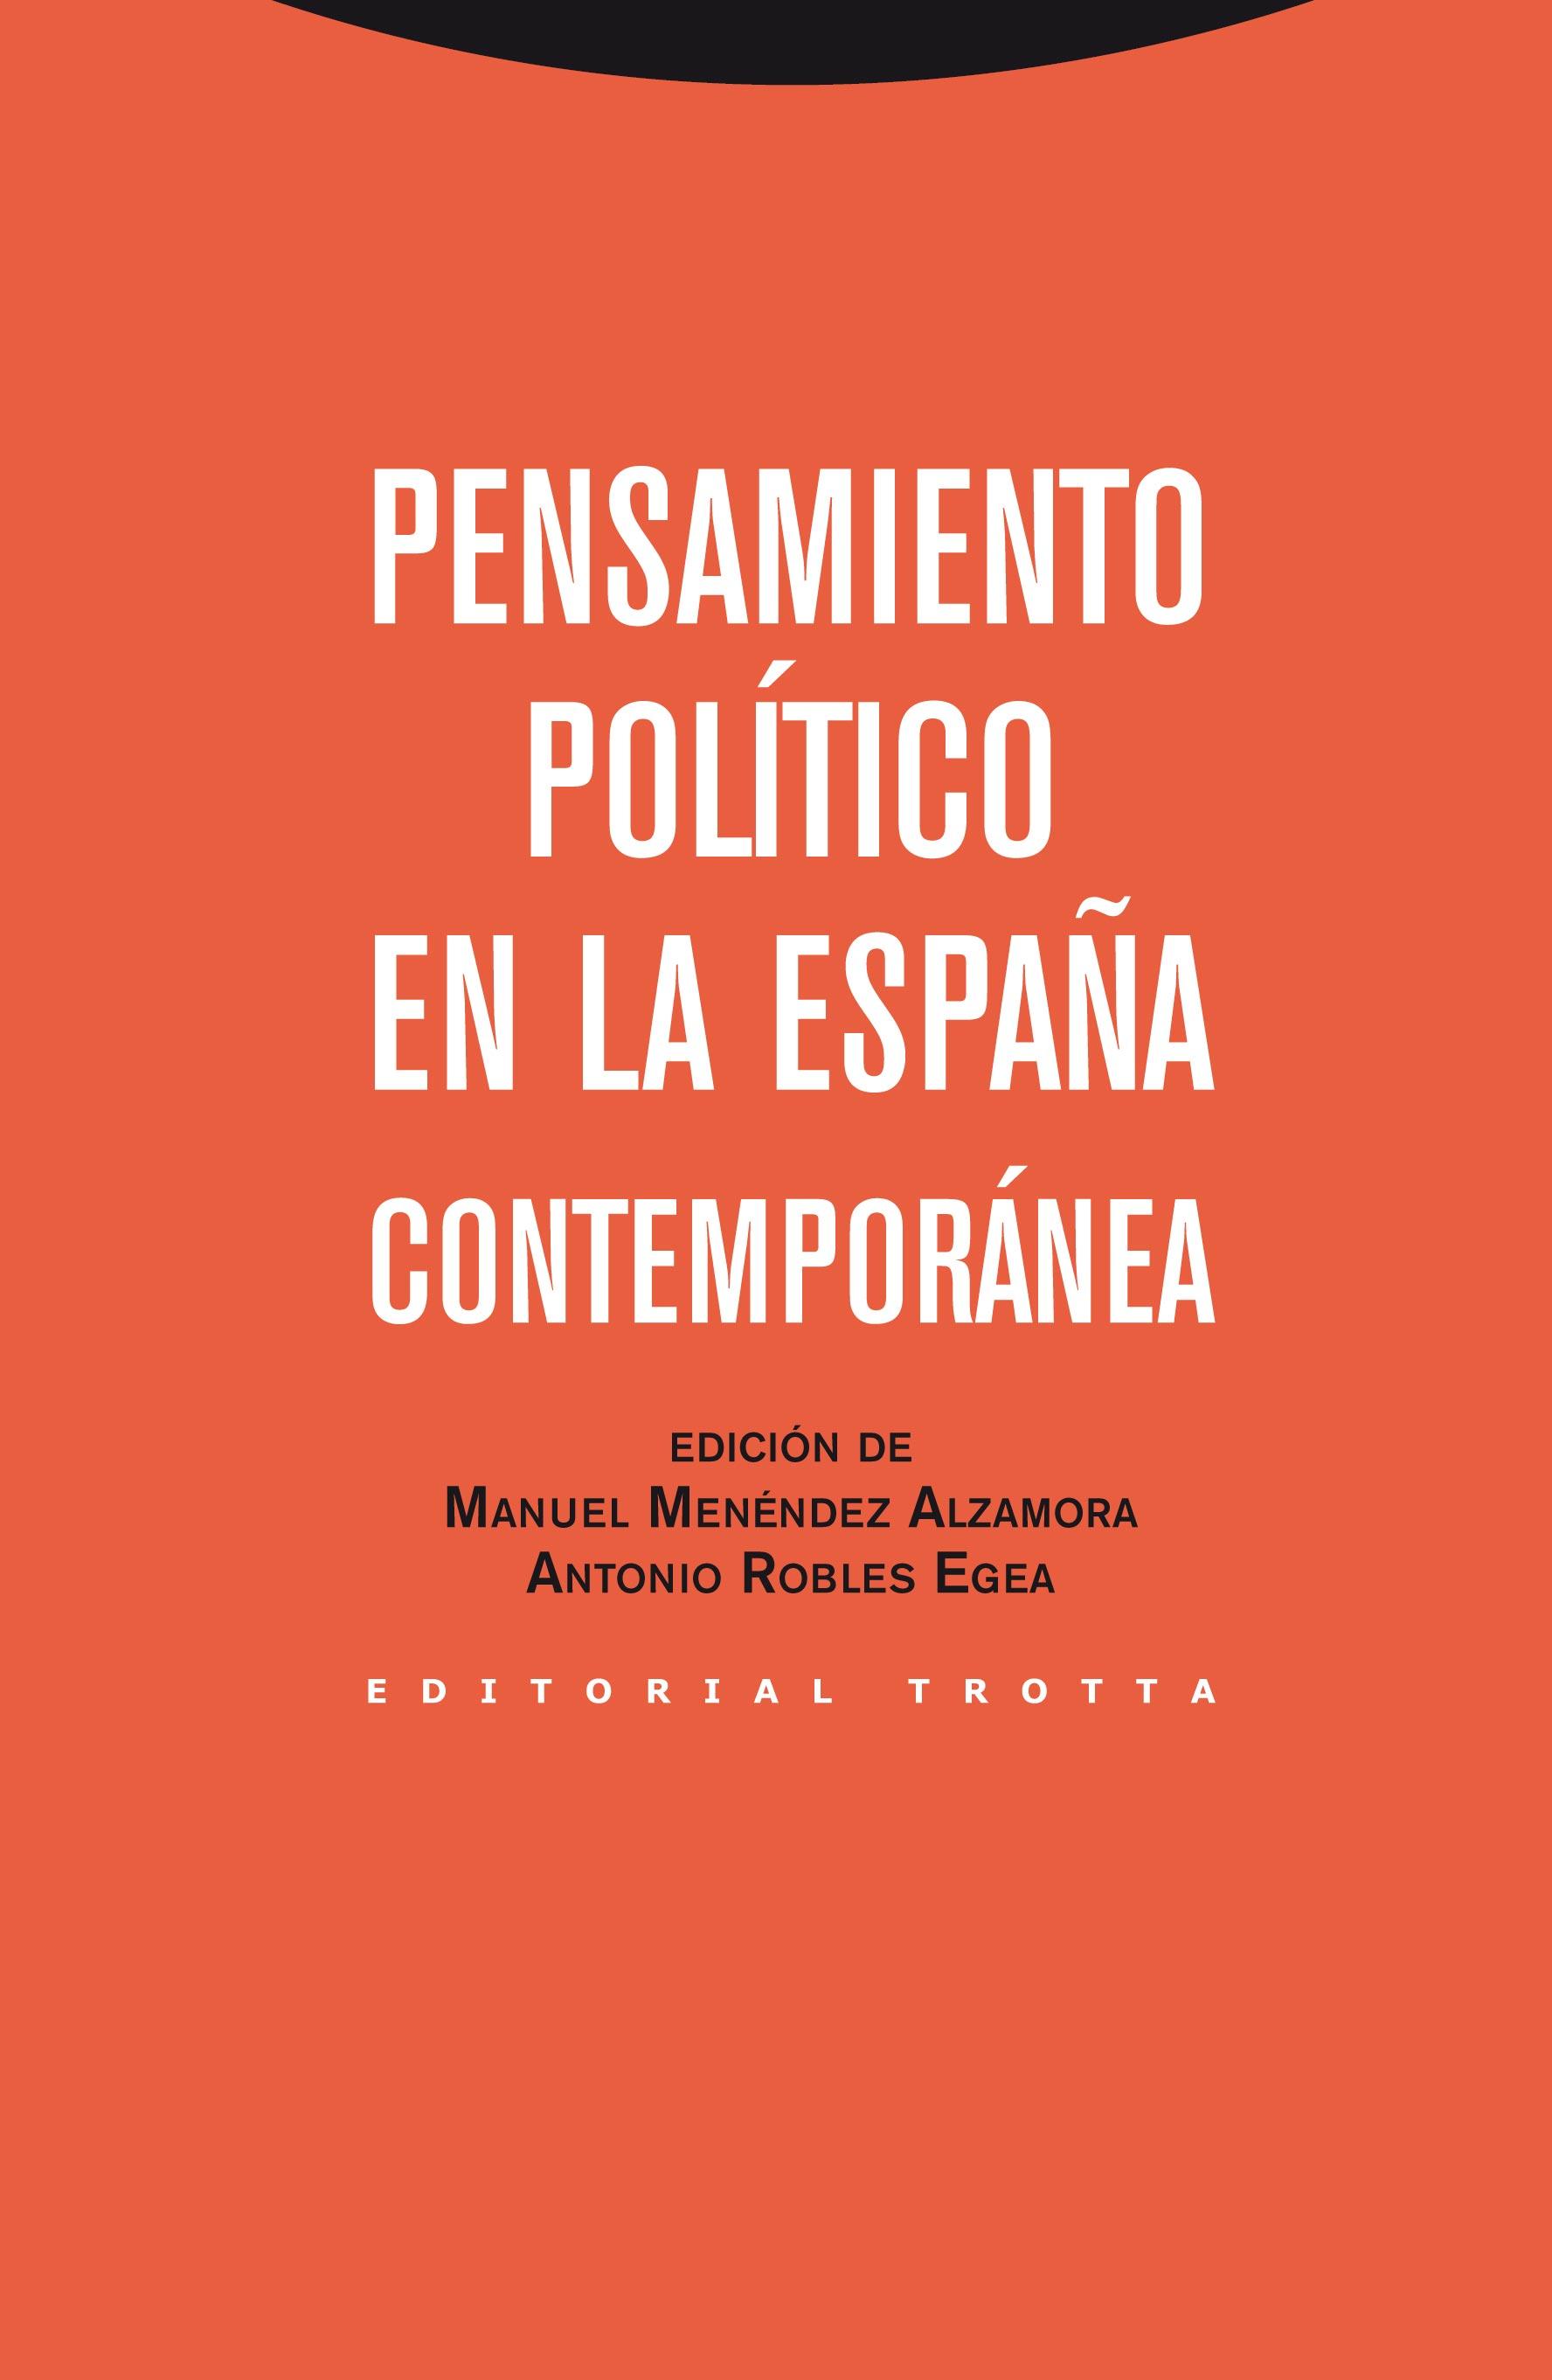 Descargar PENSAMIENTO POLITICO EN LA ESPAÑA CONTEMPORANEA